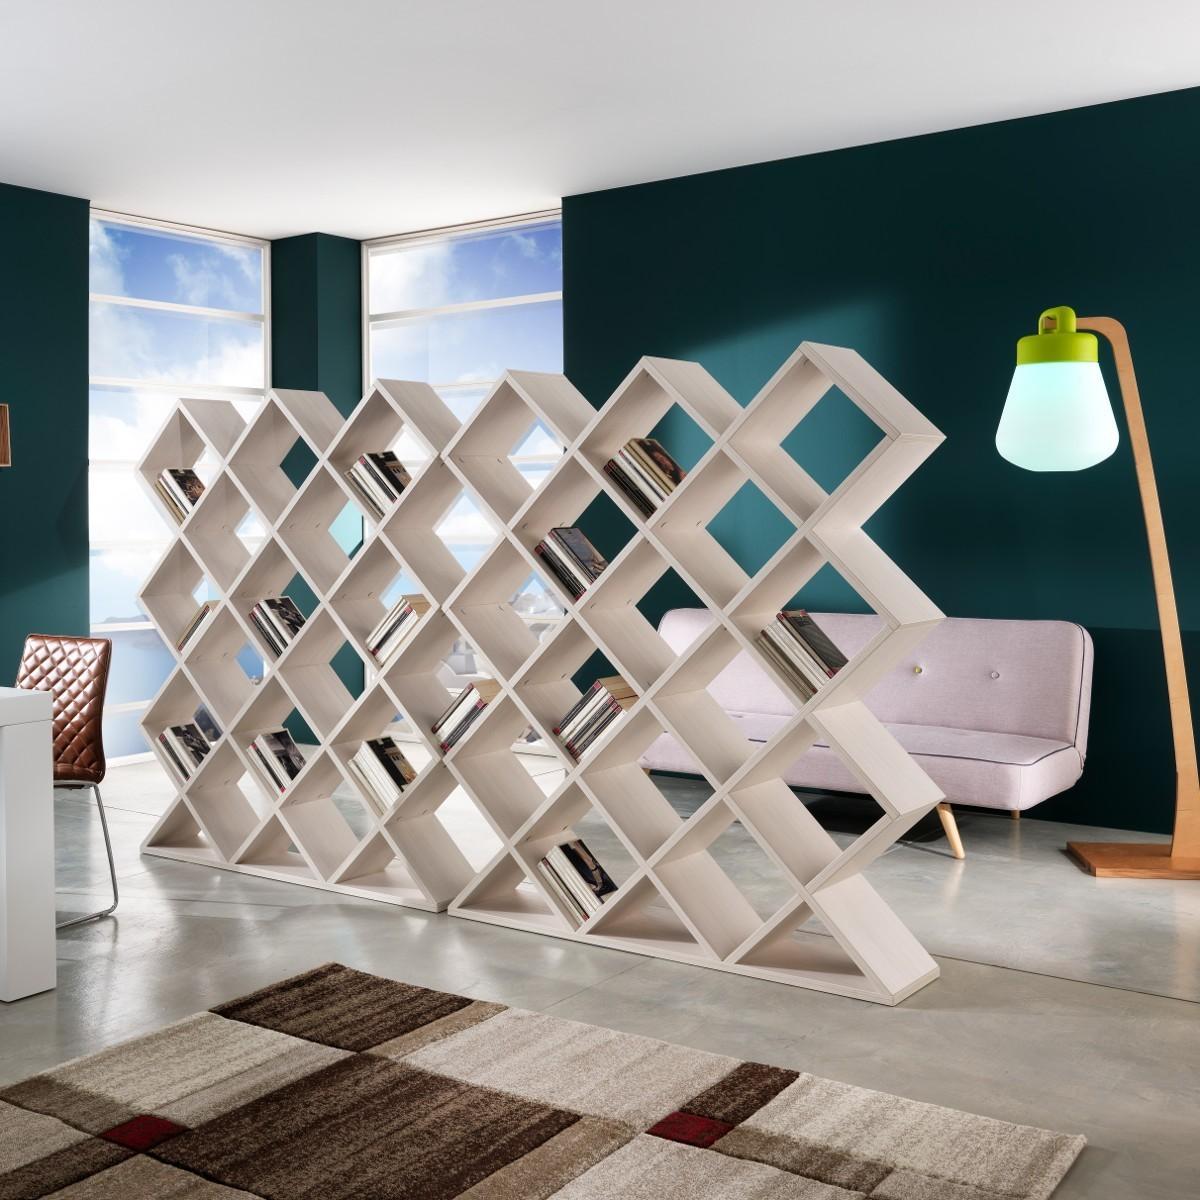 Libreria separa ambienti mynest in legno bianco 140 x 160 cm for Scaffali design